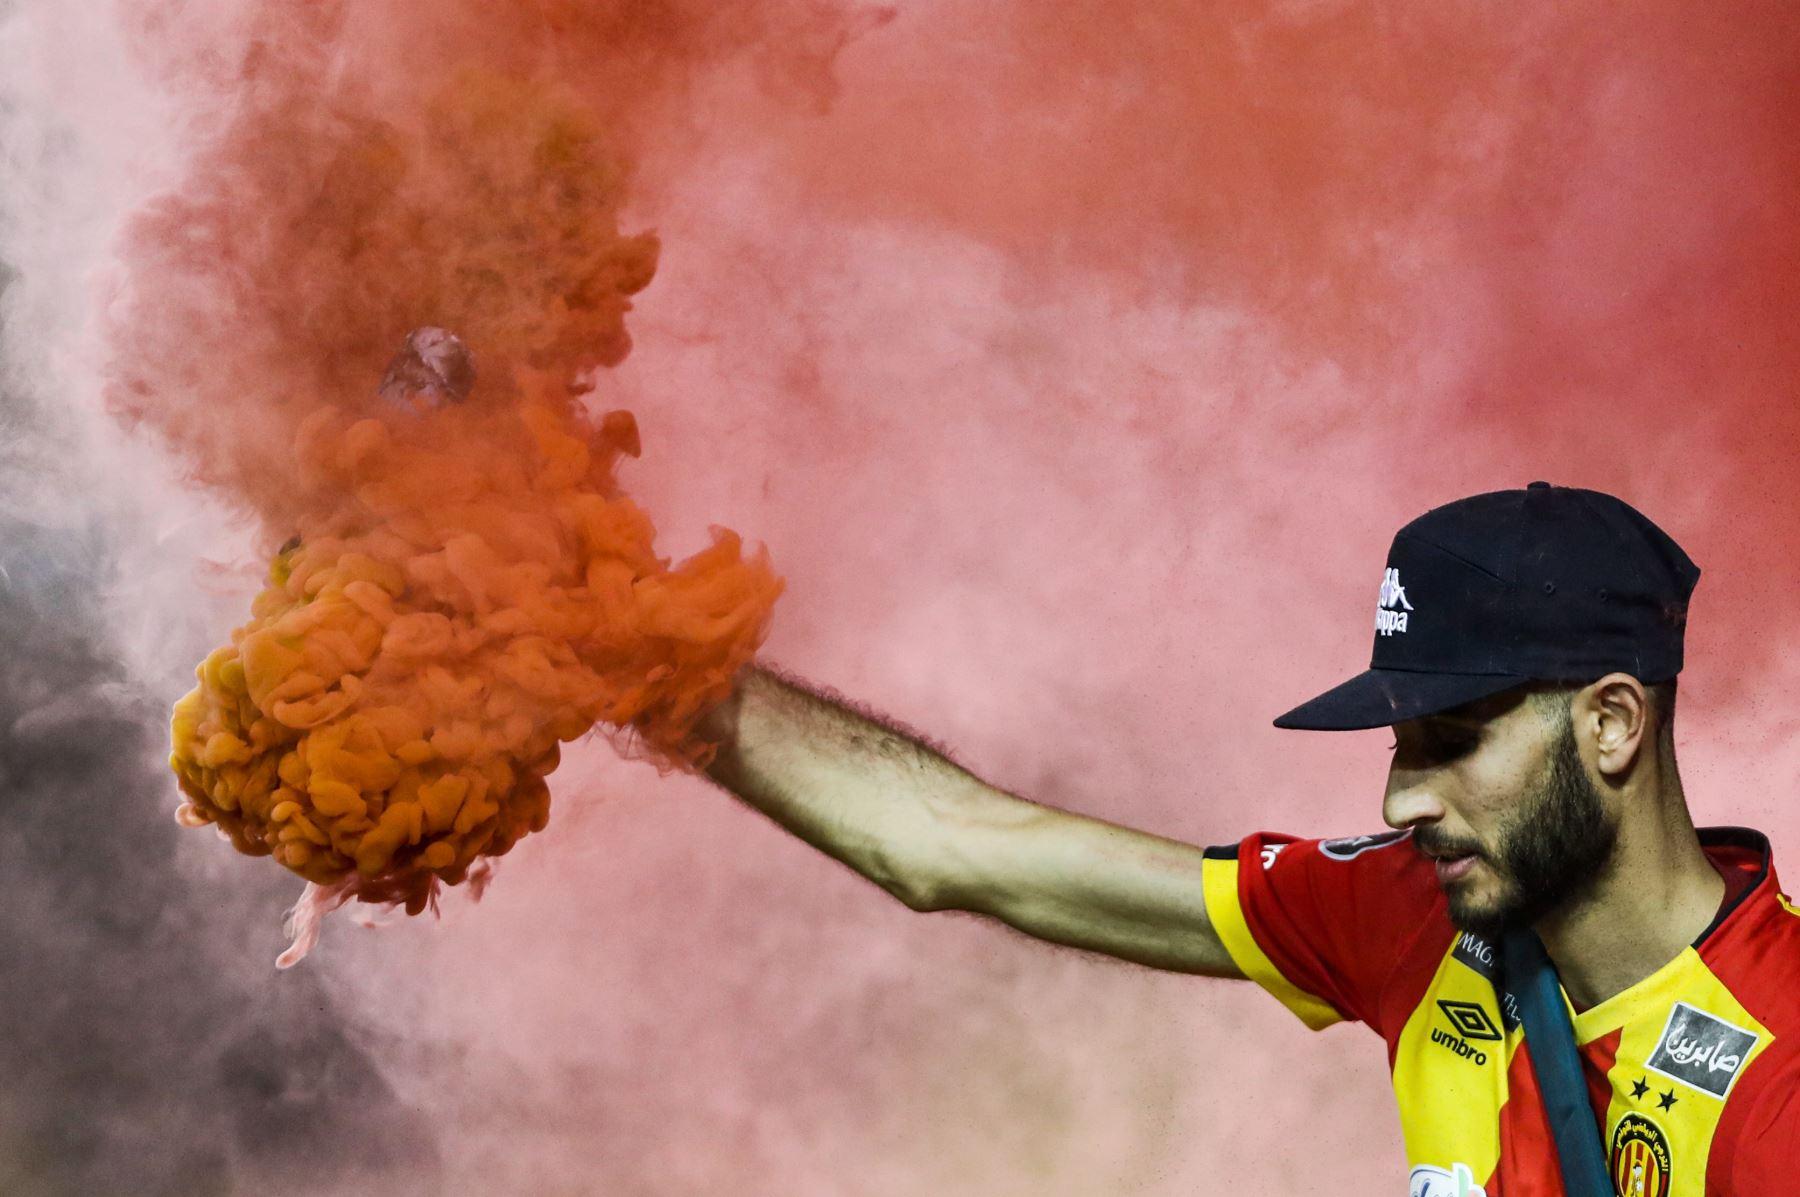 Los fanáticos de Esperance encienden bengalas mientras animan a su equipo durante el partido de fútbol de cuartos de final de la Copa Mundial de Clubes de la FIFA 2019 entre Hilal y Esperance de Tunis. Foto: AFP